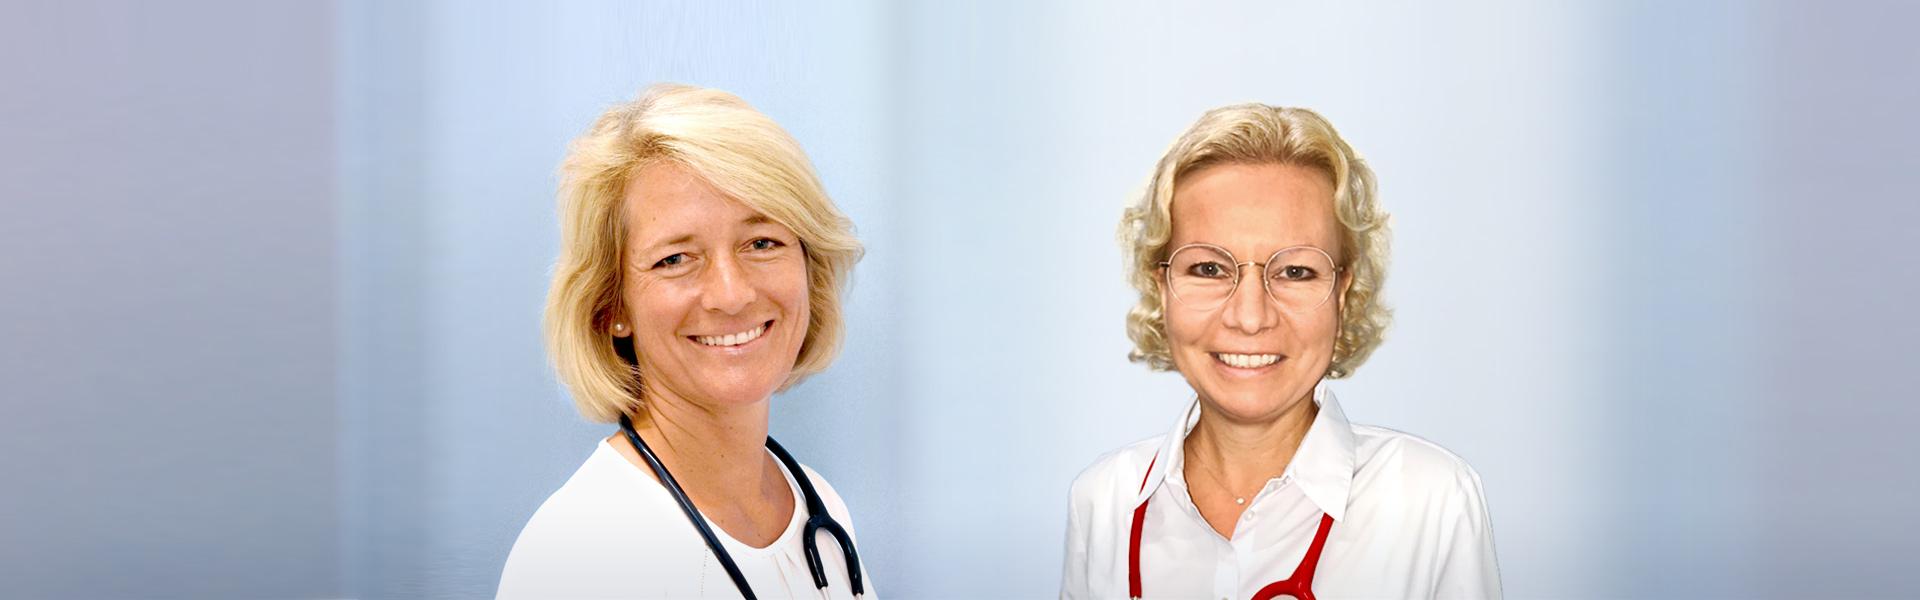 Kinderärztinnen Dr. med. Kronlage und Dr. med. Gießen-Götze